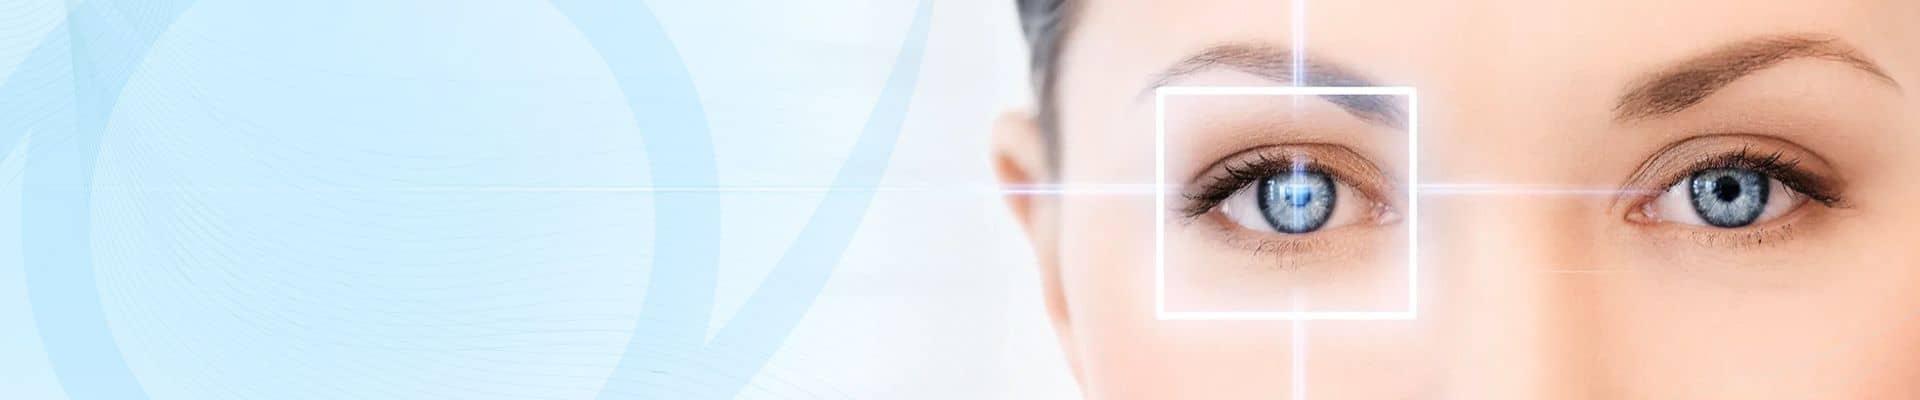 picamilon a látás kezelésére)